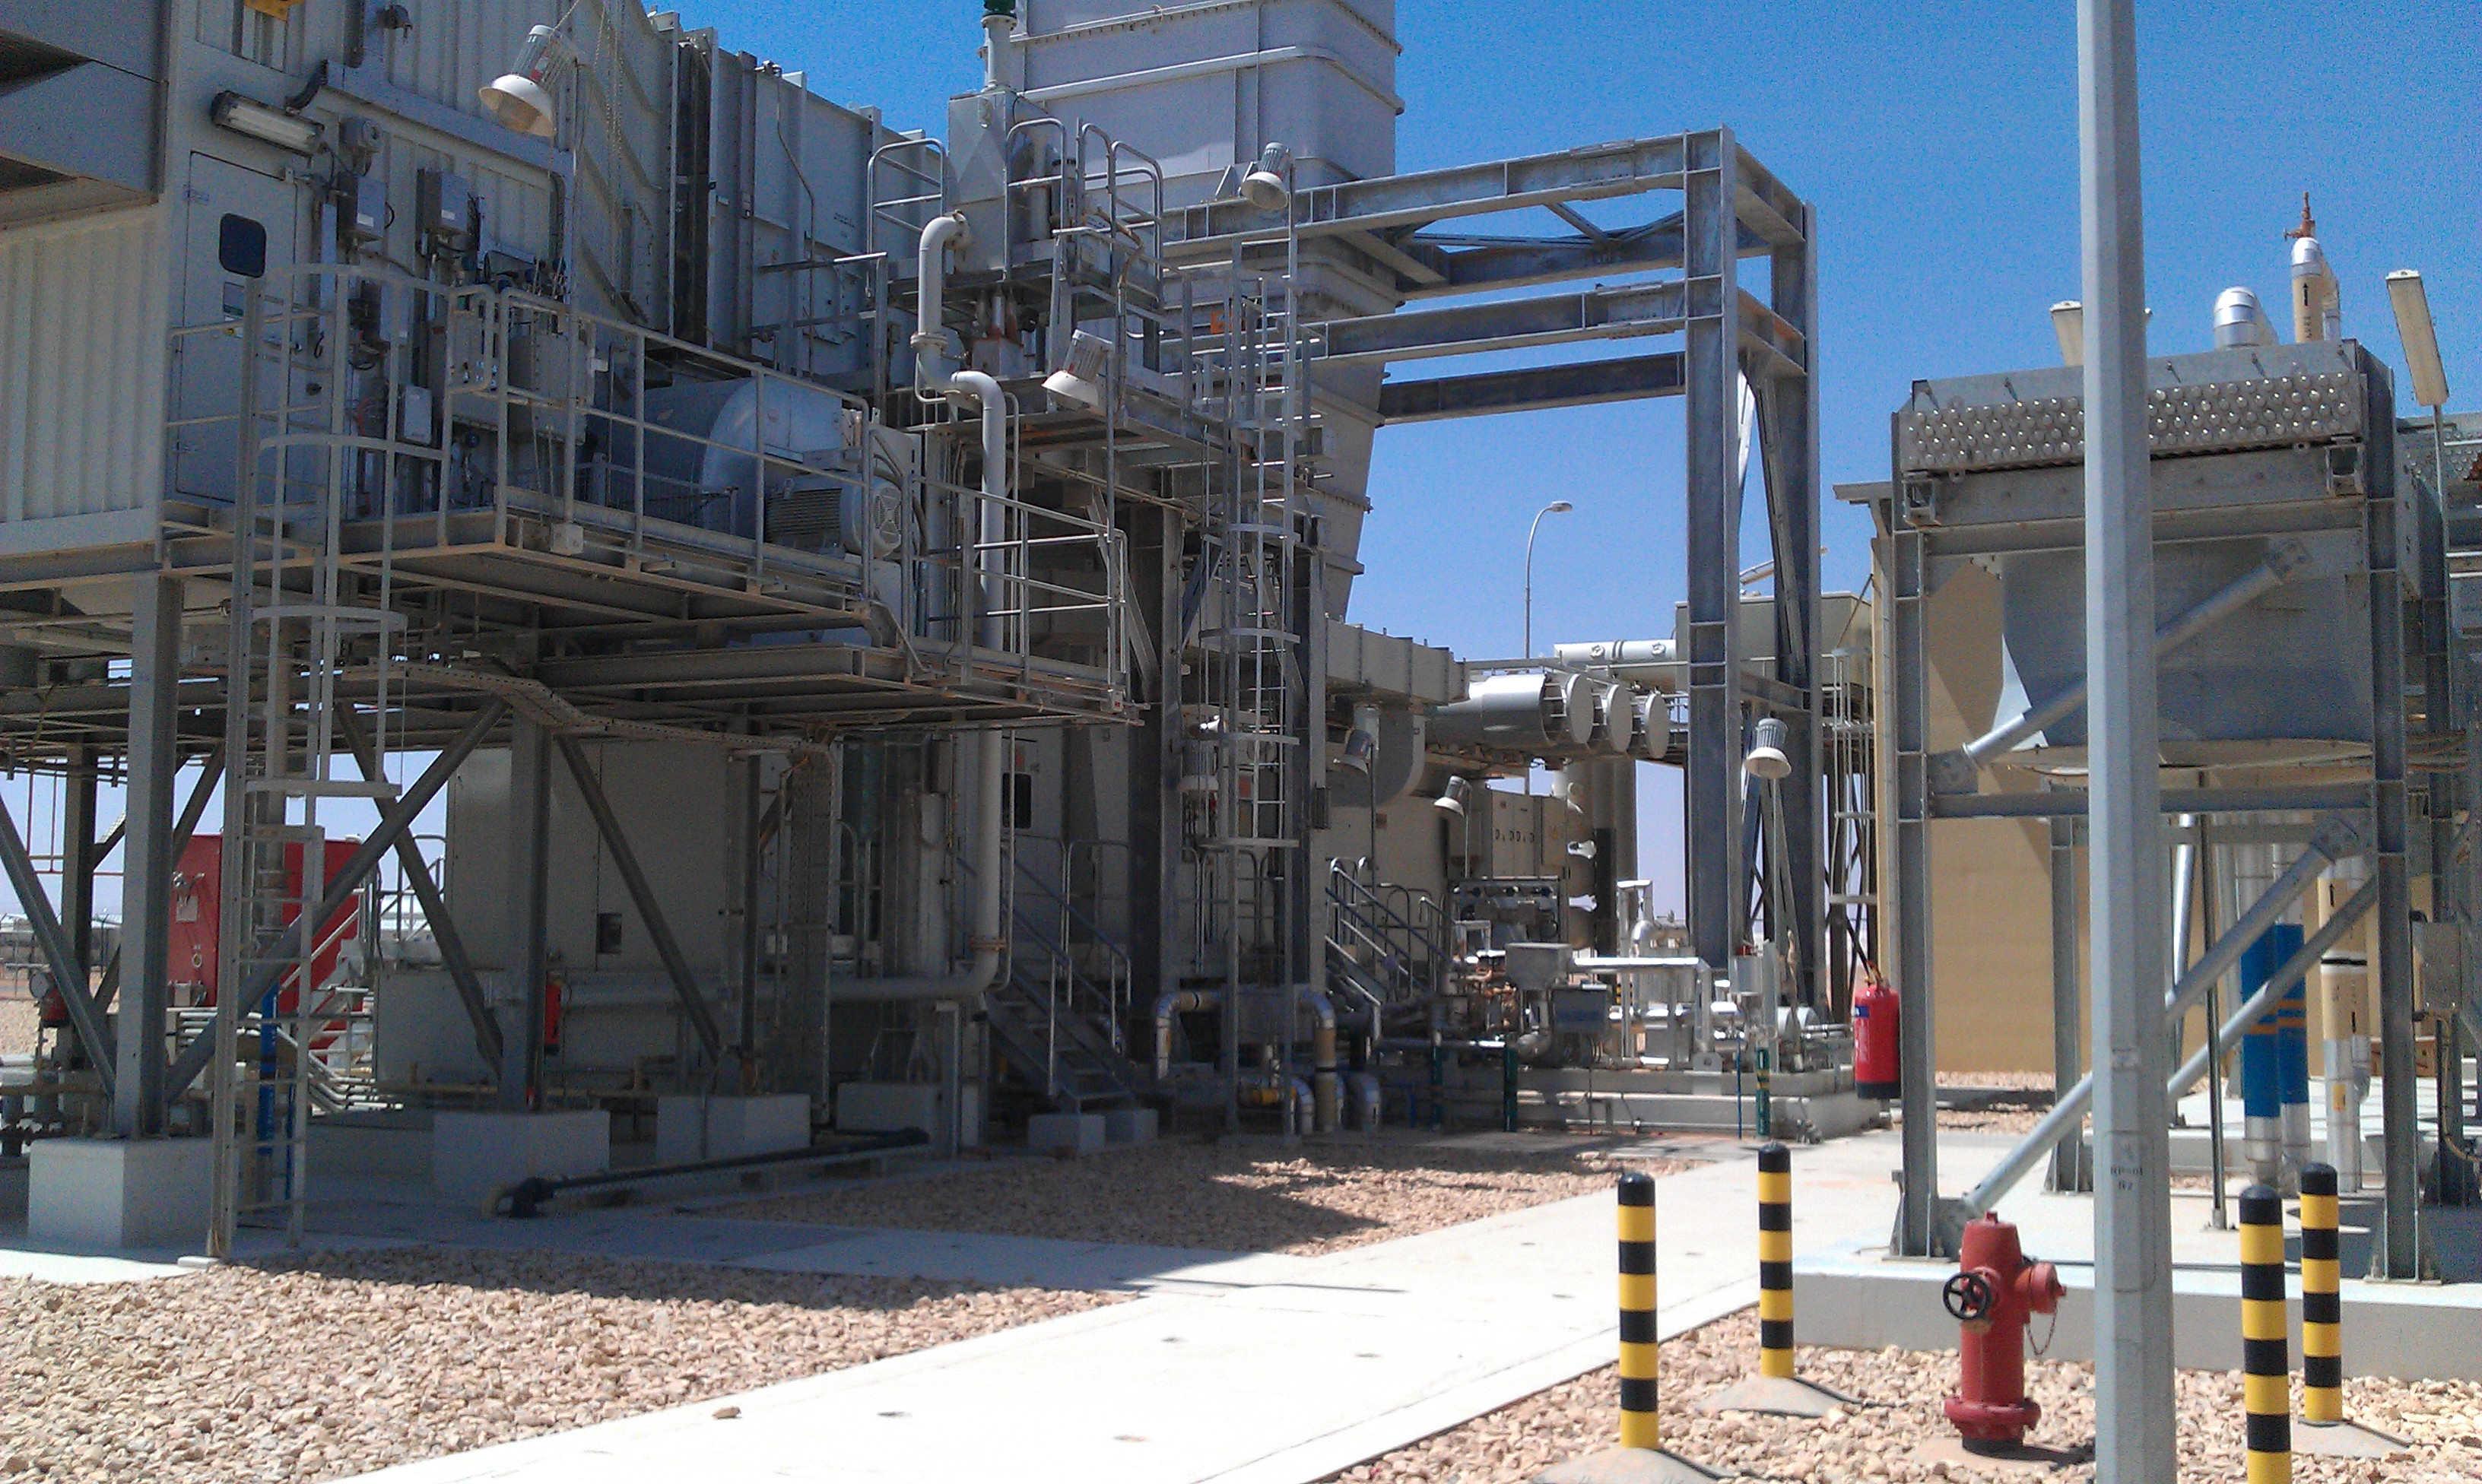 Turbine performance test Gas turbine performance test SINT